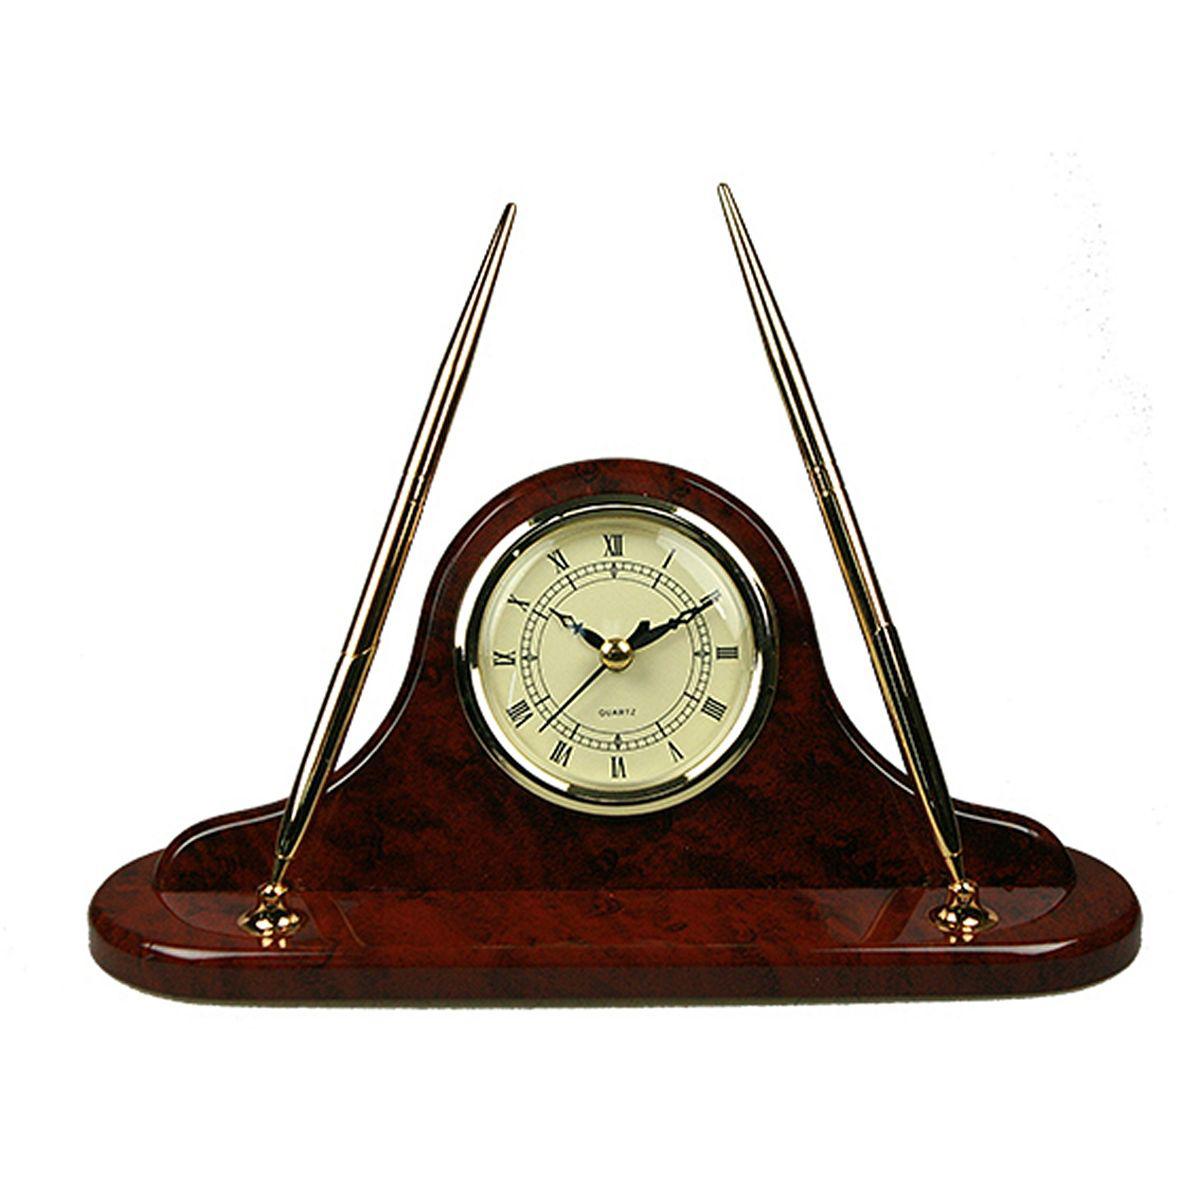 Часы настольные Русские Подарки Brigant, с ручкой, 27 х 13 х 8 см. 28152122425Настольные кварцевые часы Русские Подарки Brigant изготовлены из МДФ,циферблат защищен стеклом. В корпусе удобно расположены держатели для двух шариковых ручек. Часы имеют три стрелки - часовую, минутную и секундную.Такие часы красиво и необычно оформят интерьер дома или рабочий стол в офисе. Также часы могут стать уникальным, полезным подарком для родственников, коллег, знакомых и близких.